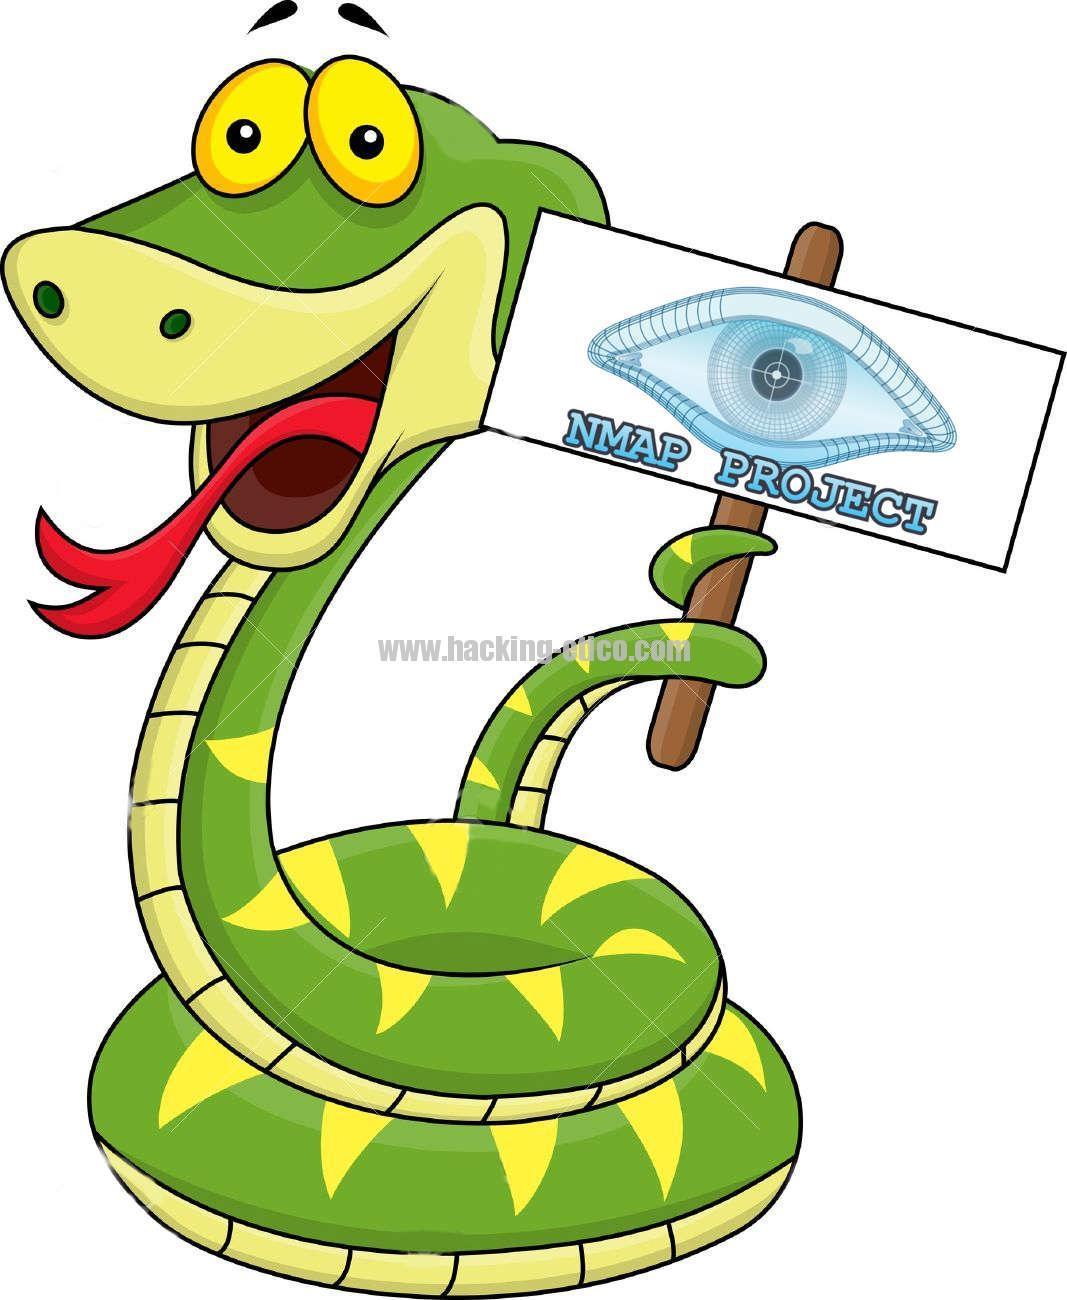 Descubriendo la red con python y nmap parte 1 hacking tico - Librerias python ...